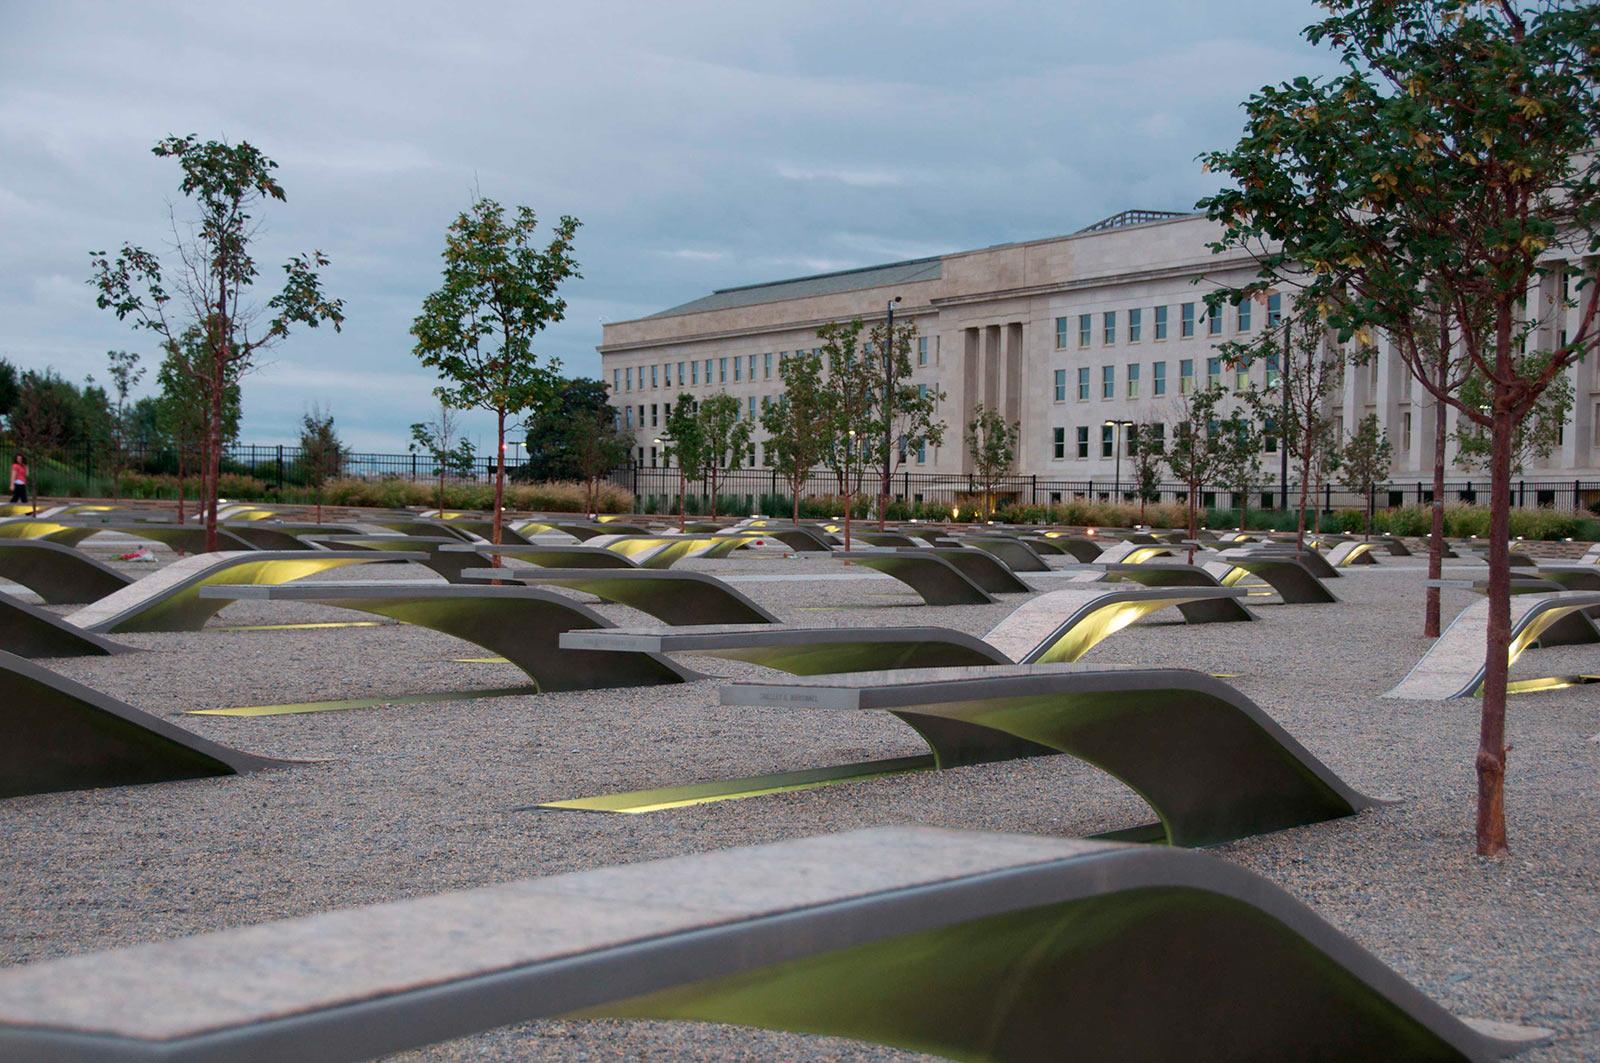 The Pentagon Memorial. Photo courtesy of Washington.org.